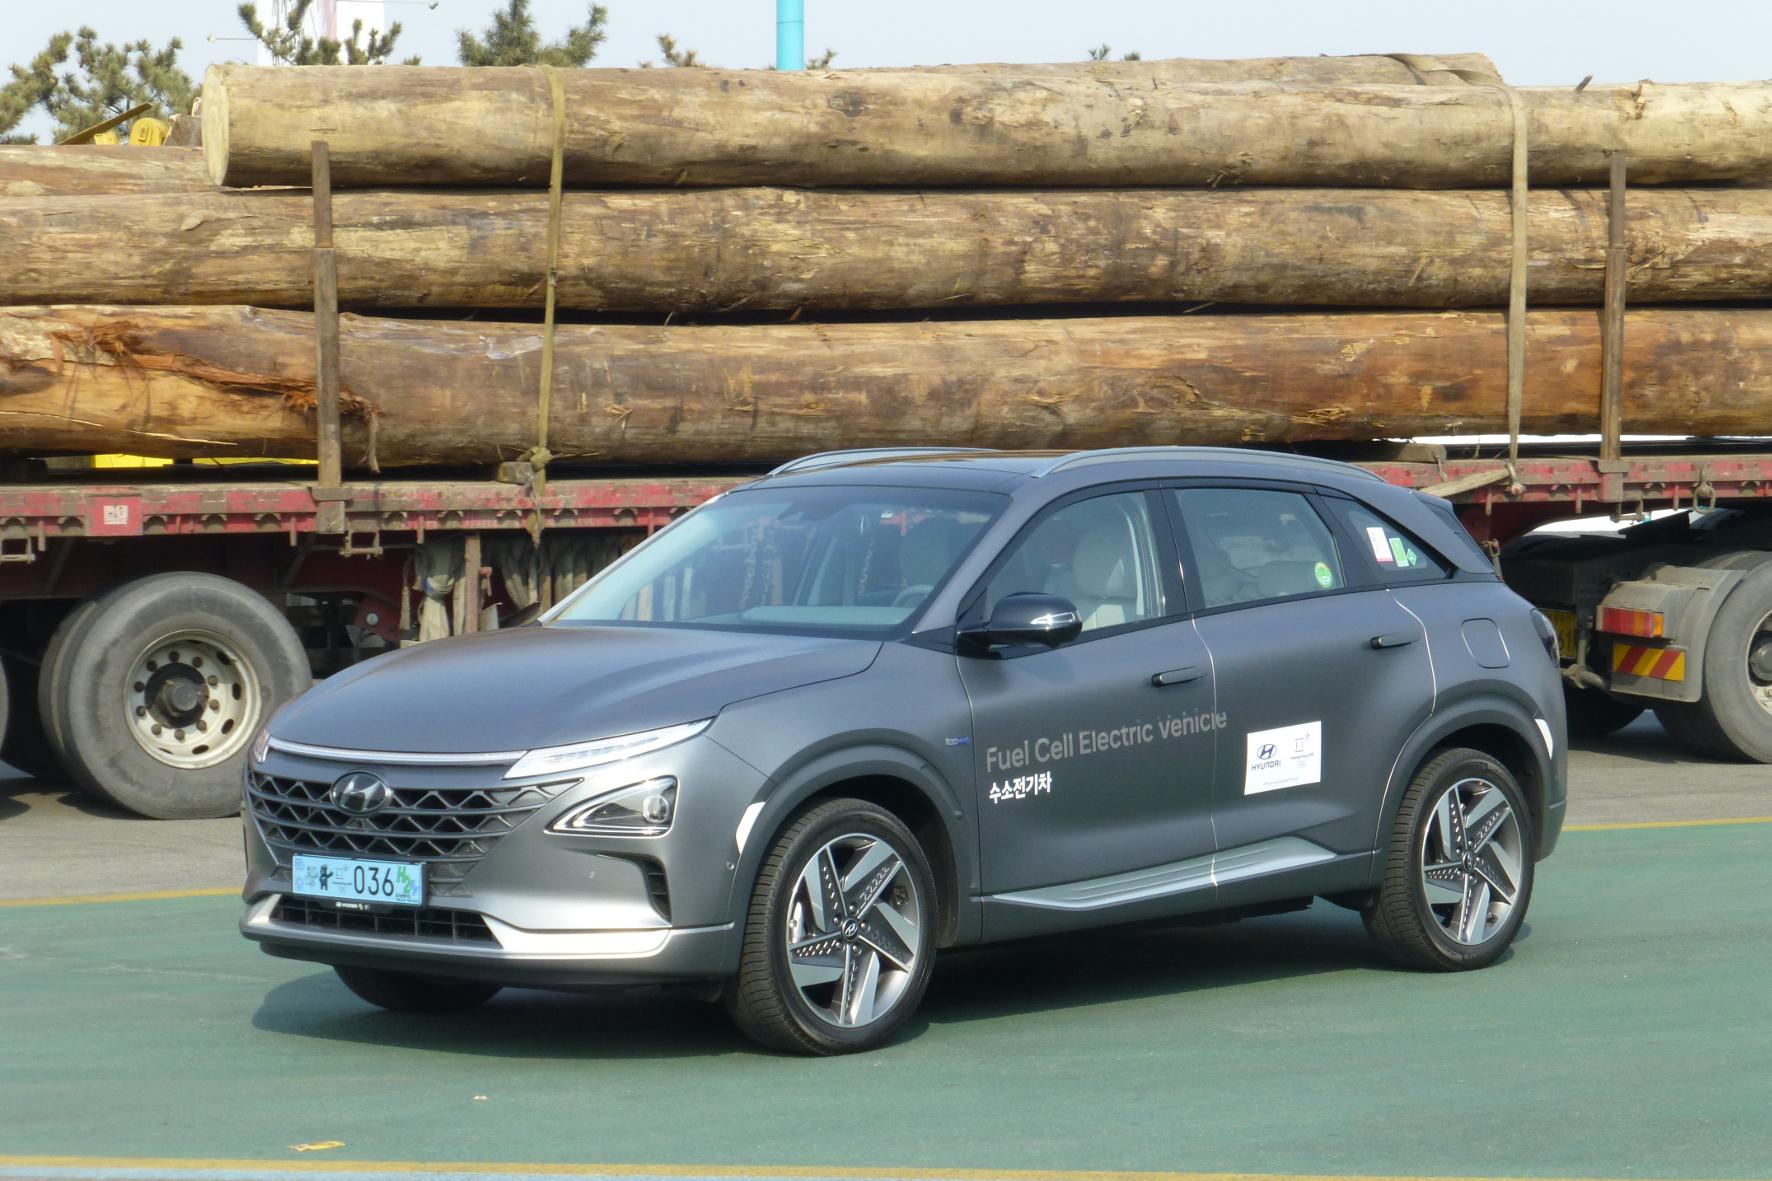 Asiatisches Elektroauto als kompakter SUV mit Brennstoffzelle auf dem deutschen Markt